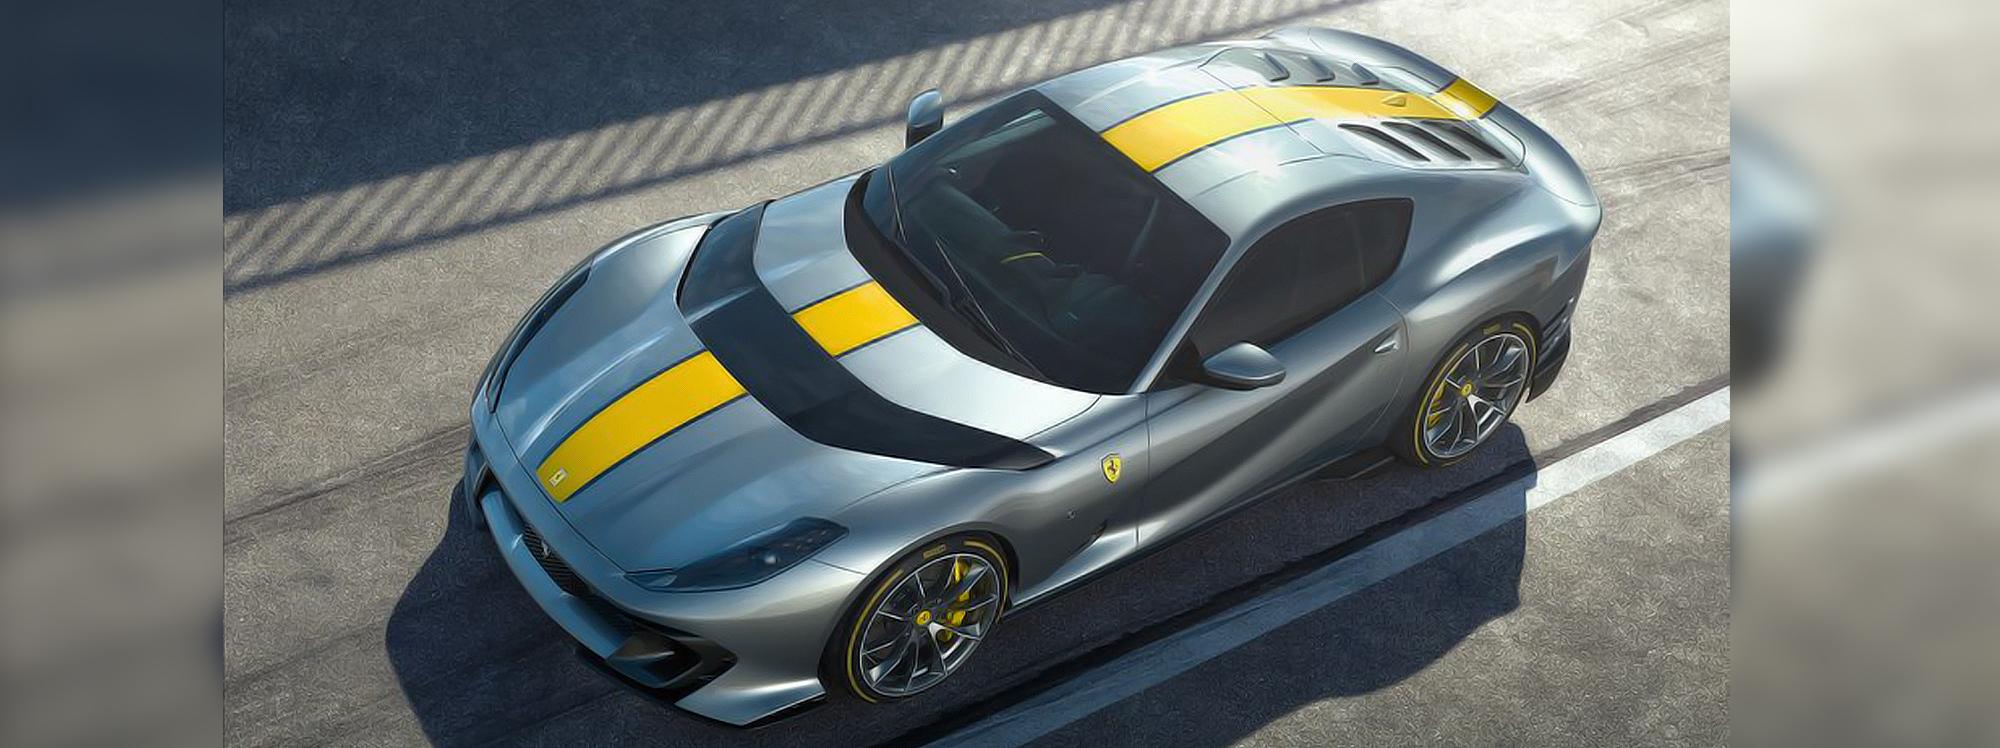 Todo un misterio el nombre oficial del nuevo Ferrari V12